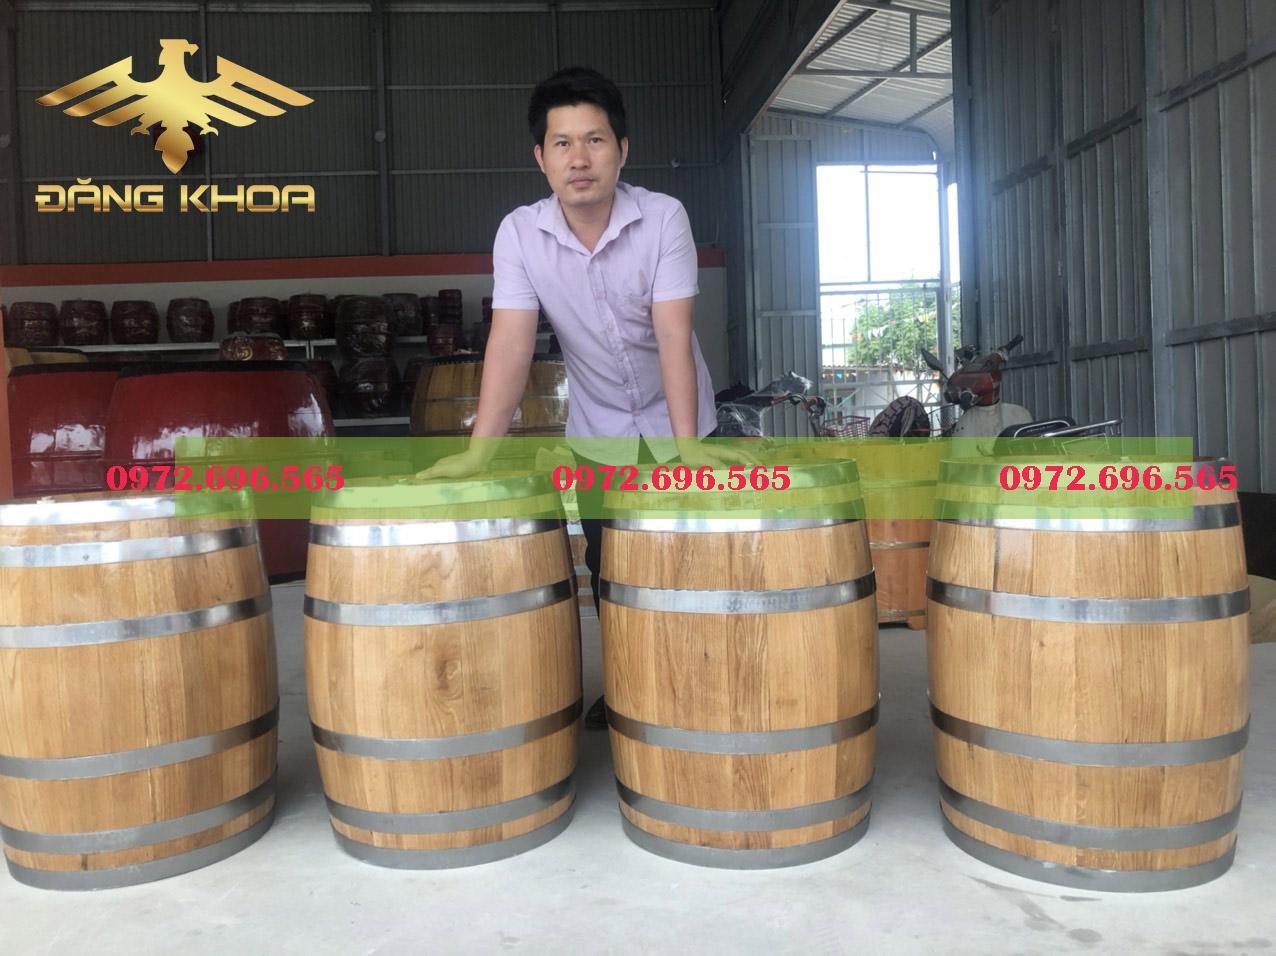 Tùy kích thước, dung tích thùng gỗ sồi có giá khác nhau